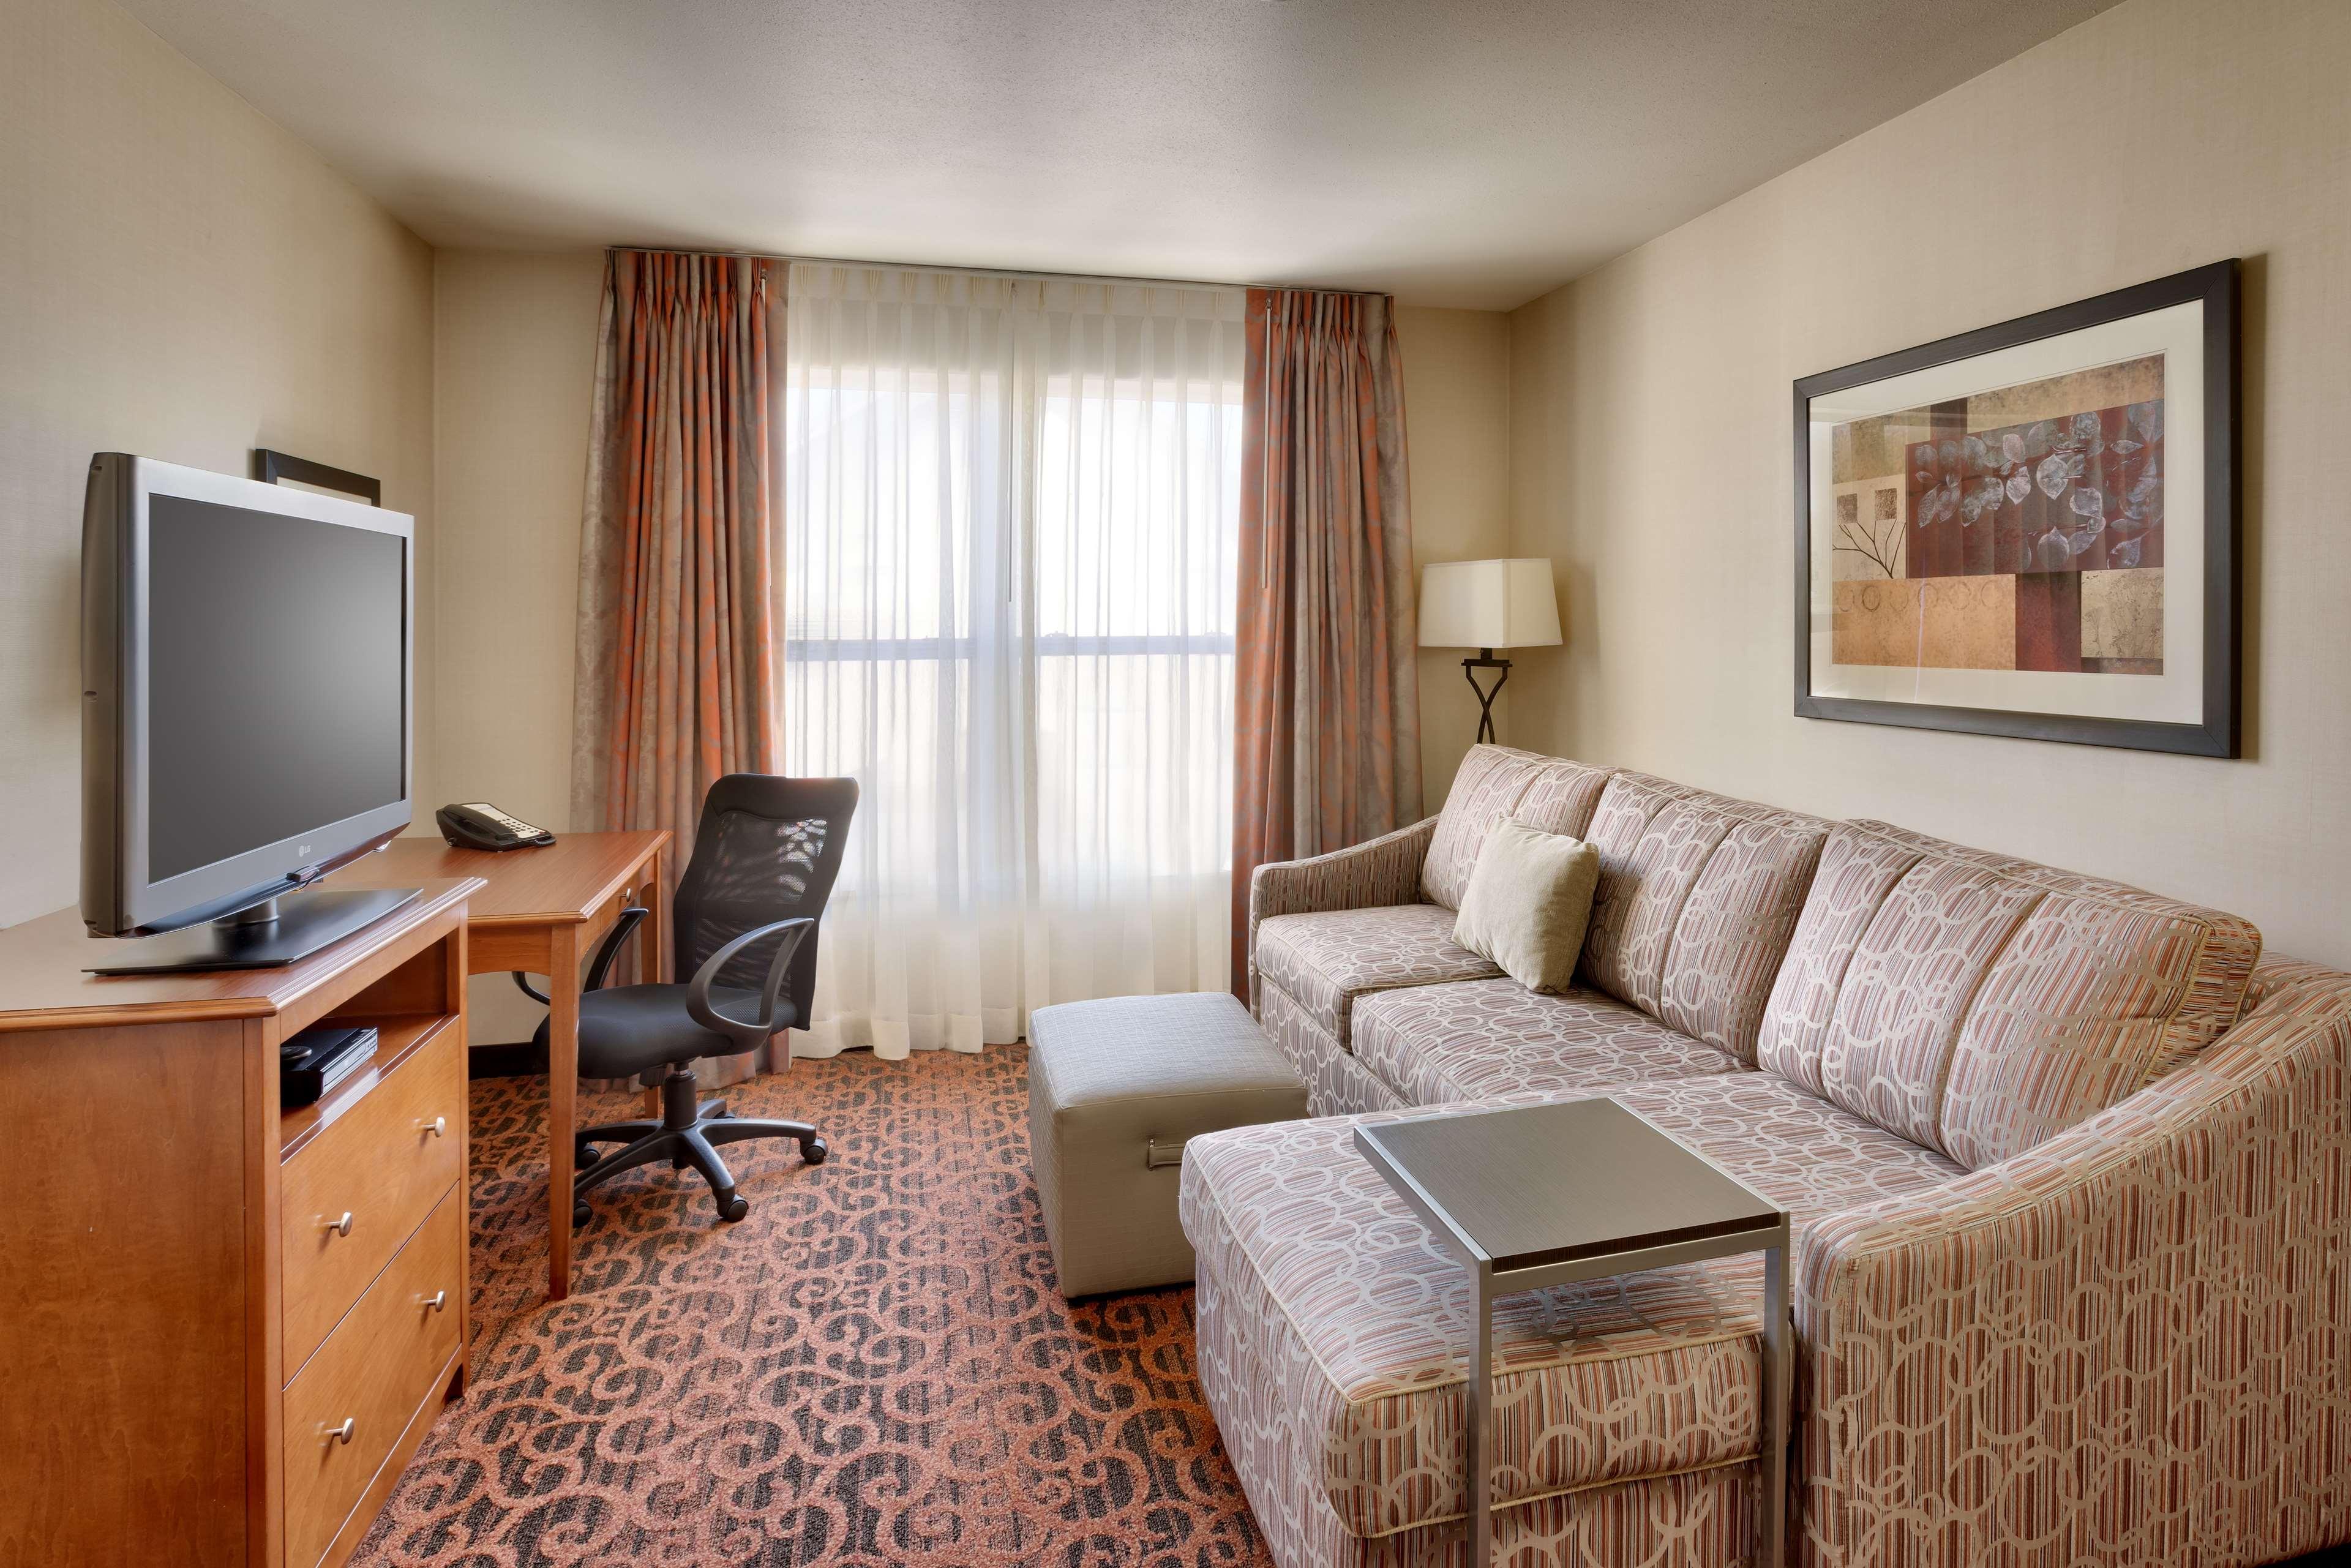 Hampton Inn & Suites Orem image 17